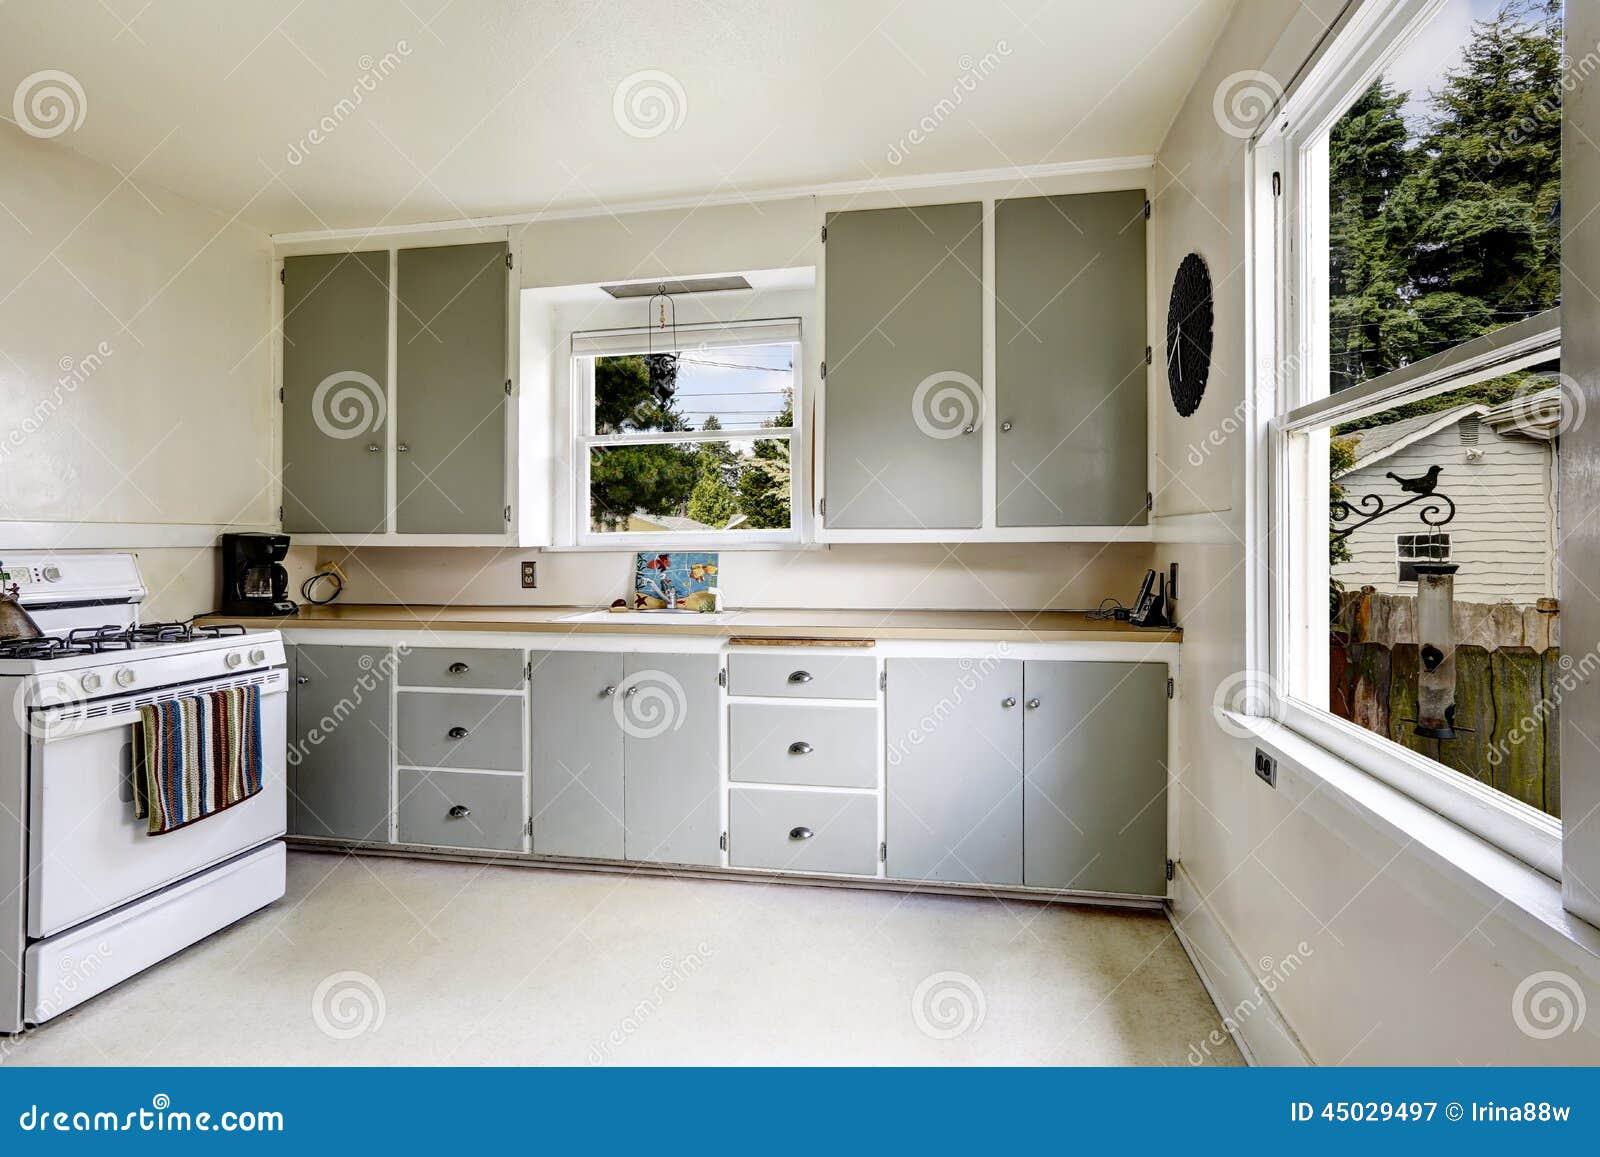 Interno della cucina in vecchia casa fotografia stock - Modernizzare vecchia cucina ...